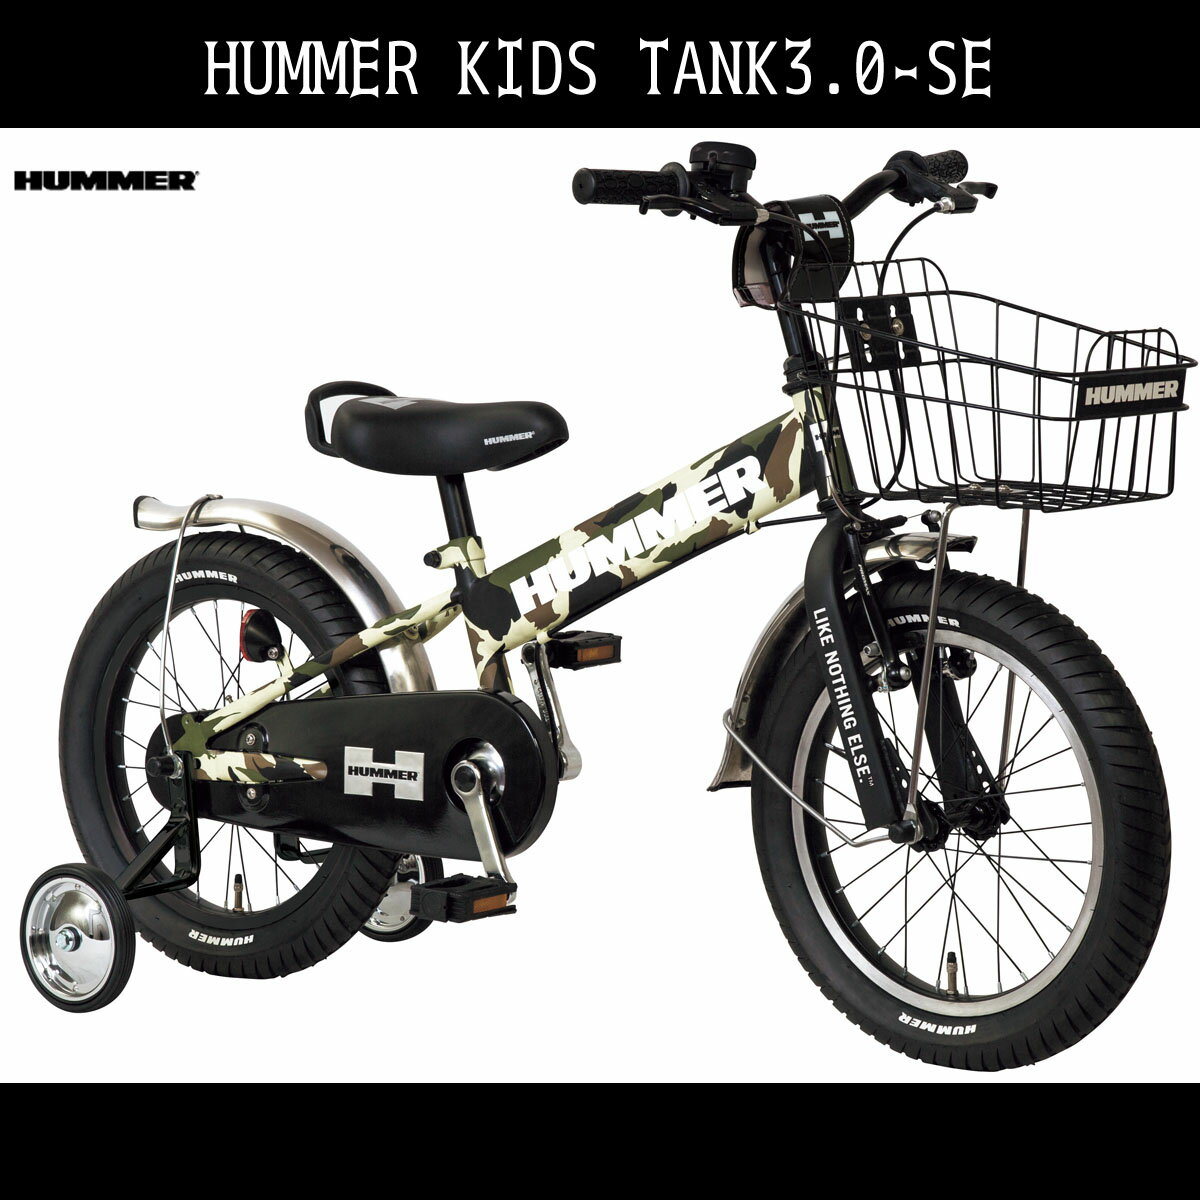 <関東限定特別価格>KID'S TANK3.0-SE マウンテンバイク ハマー MTB かご付 泥除け 補助輪 ギアなし 自転車 16インチ 迷彩柄 緑色 グリーン 補助輪付き自転車子ども用自転車 幼児 自転車 HUMMER ハマー マウンテンバイク 子供用 送料無料 激安